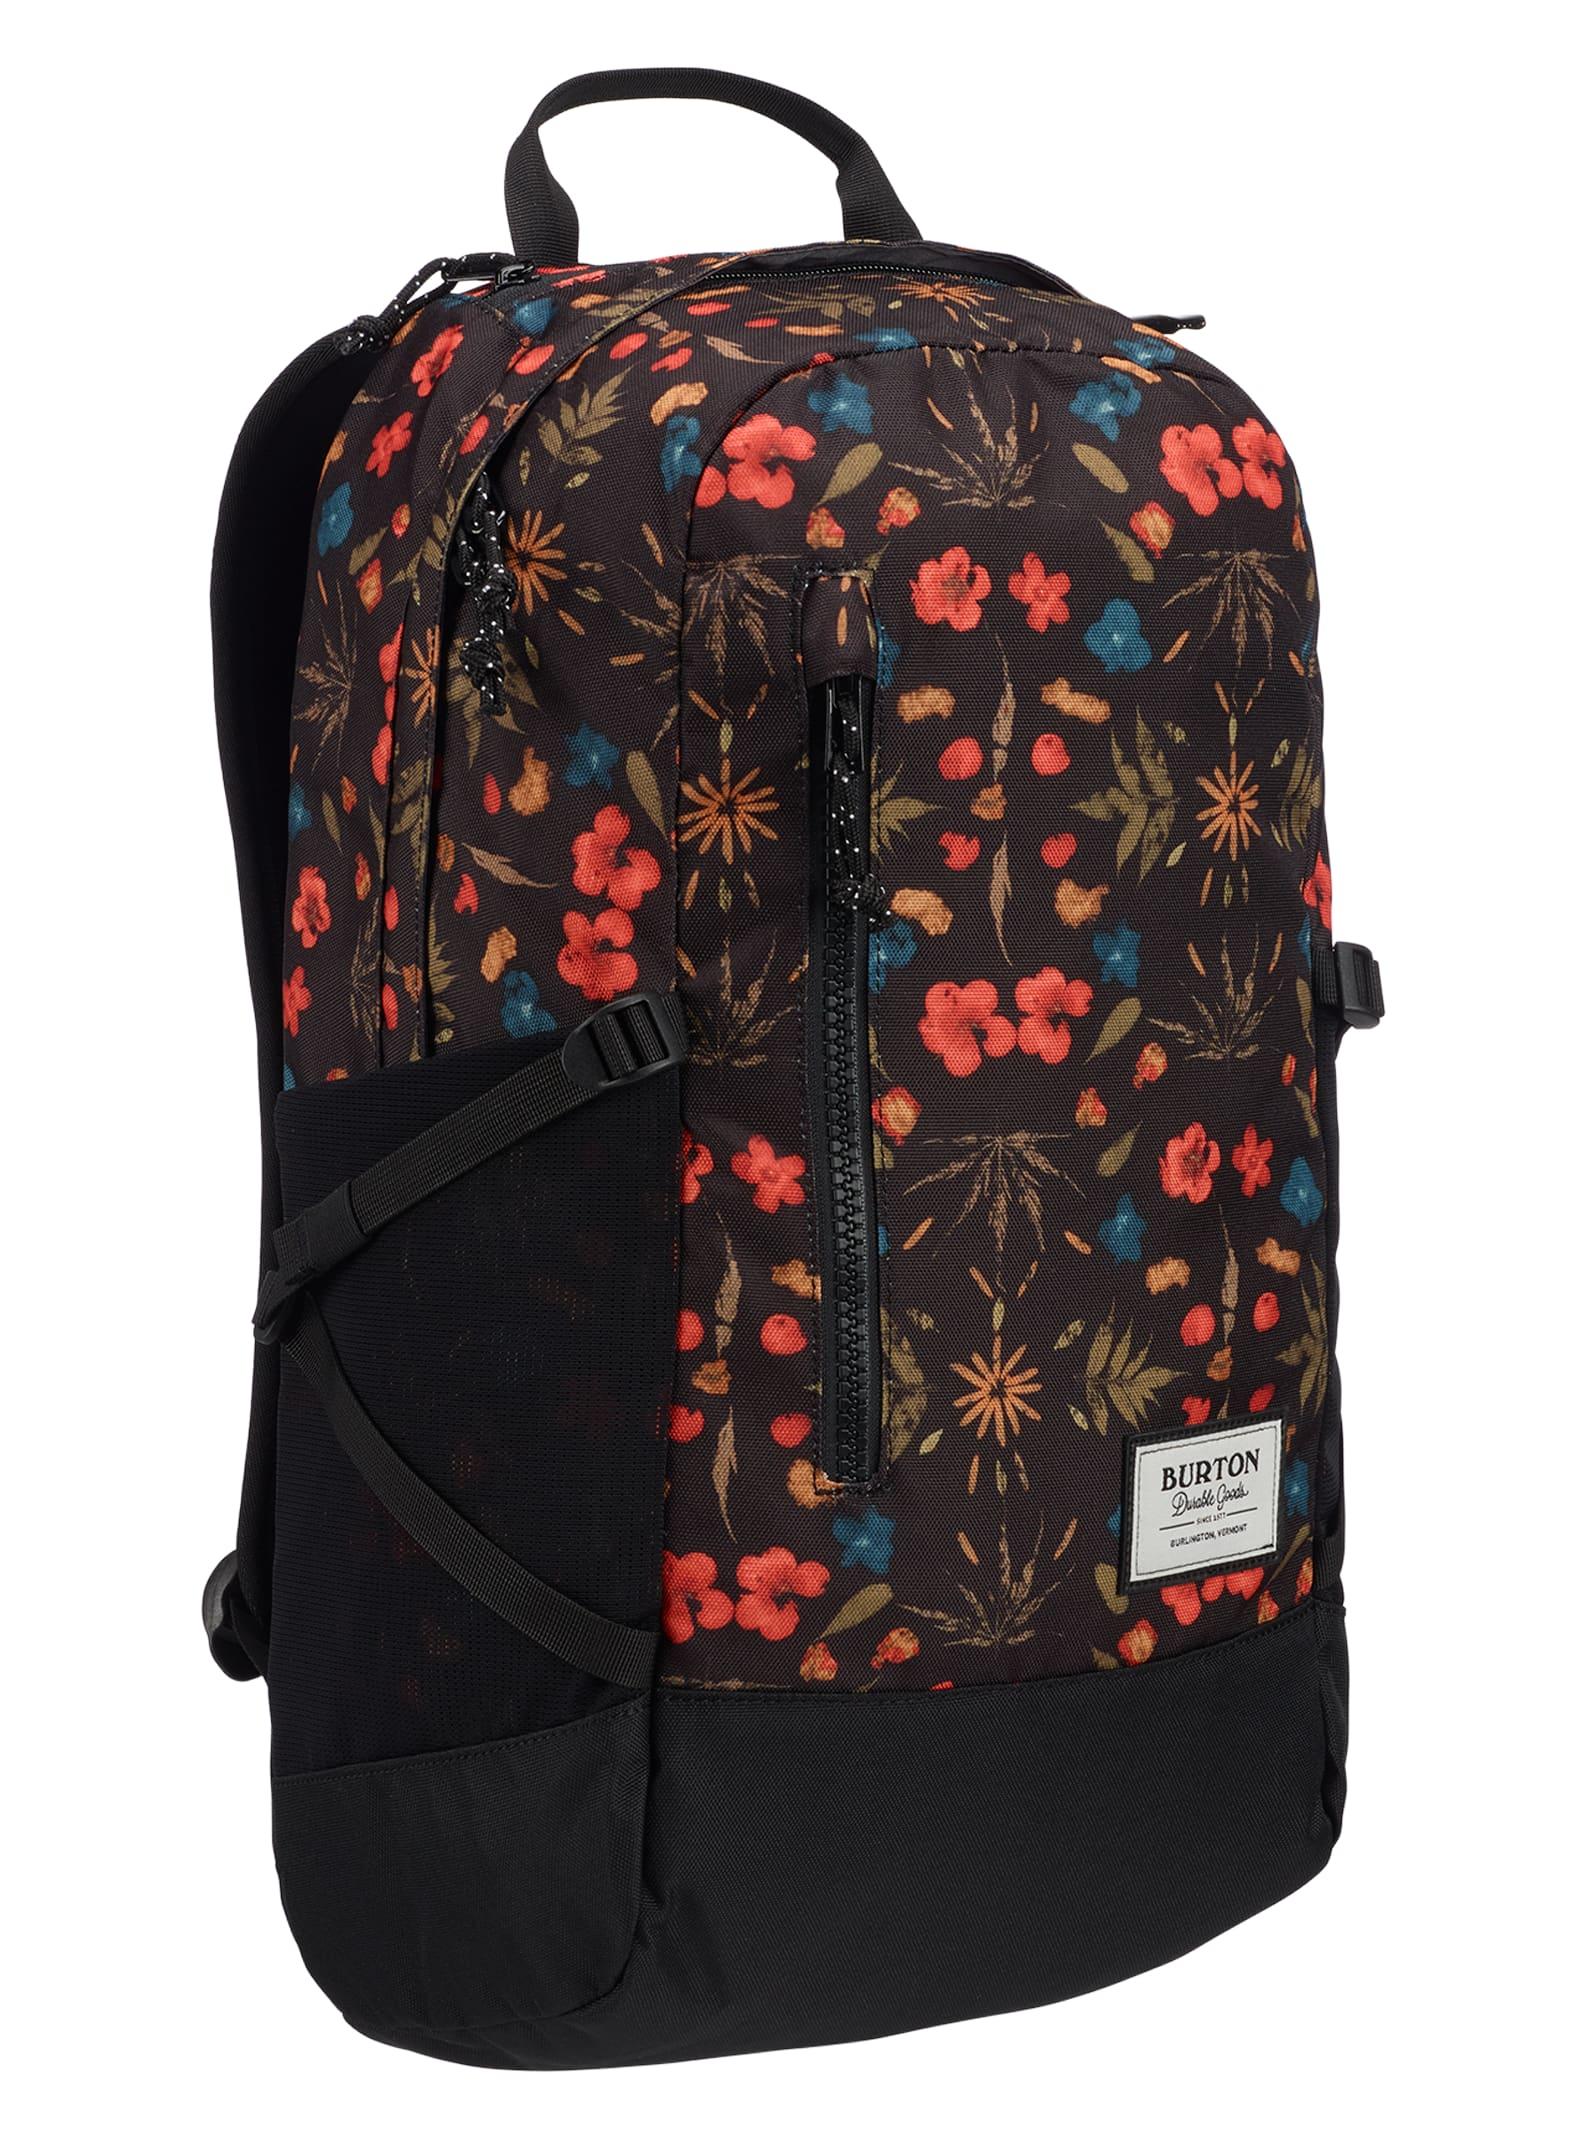 8dcd7548e0 Backpacks